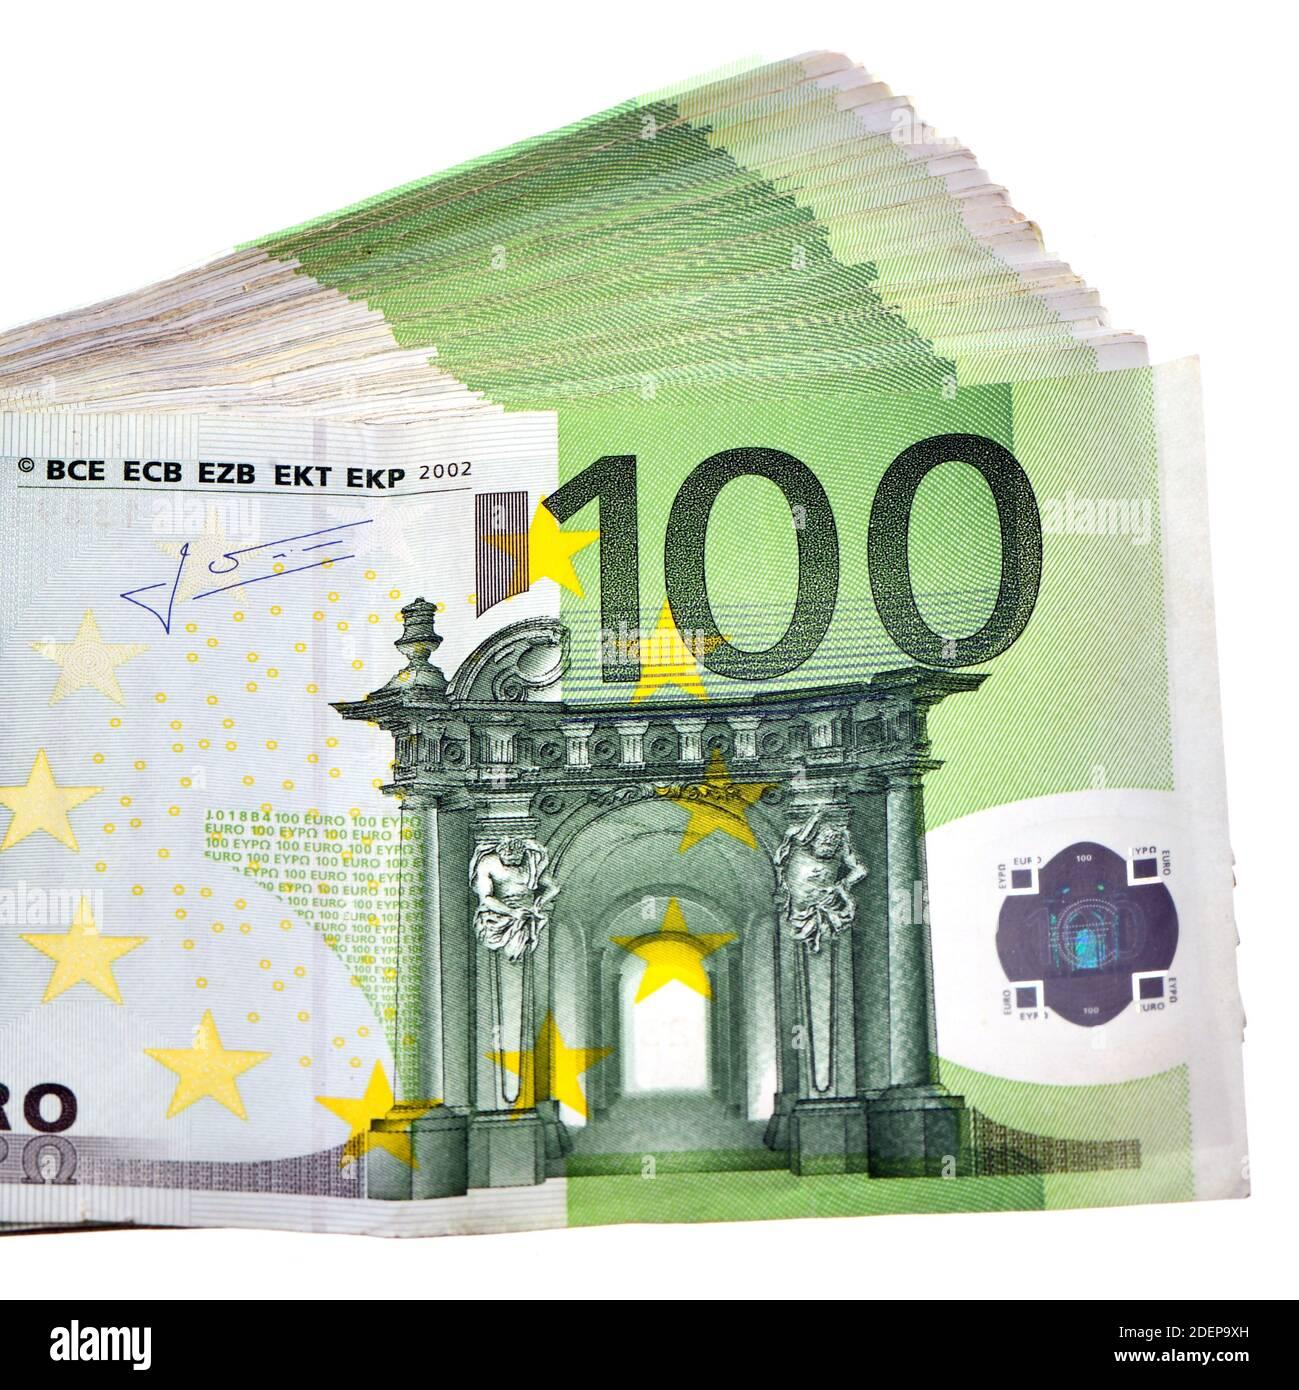 1000 Euro Schein Auf Weissem Hintergrund Stockfotos Und Bilder Kaufen Alamy